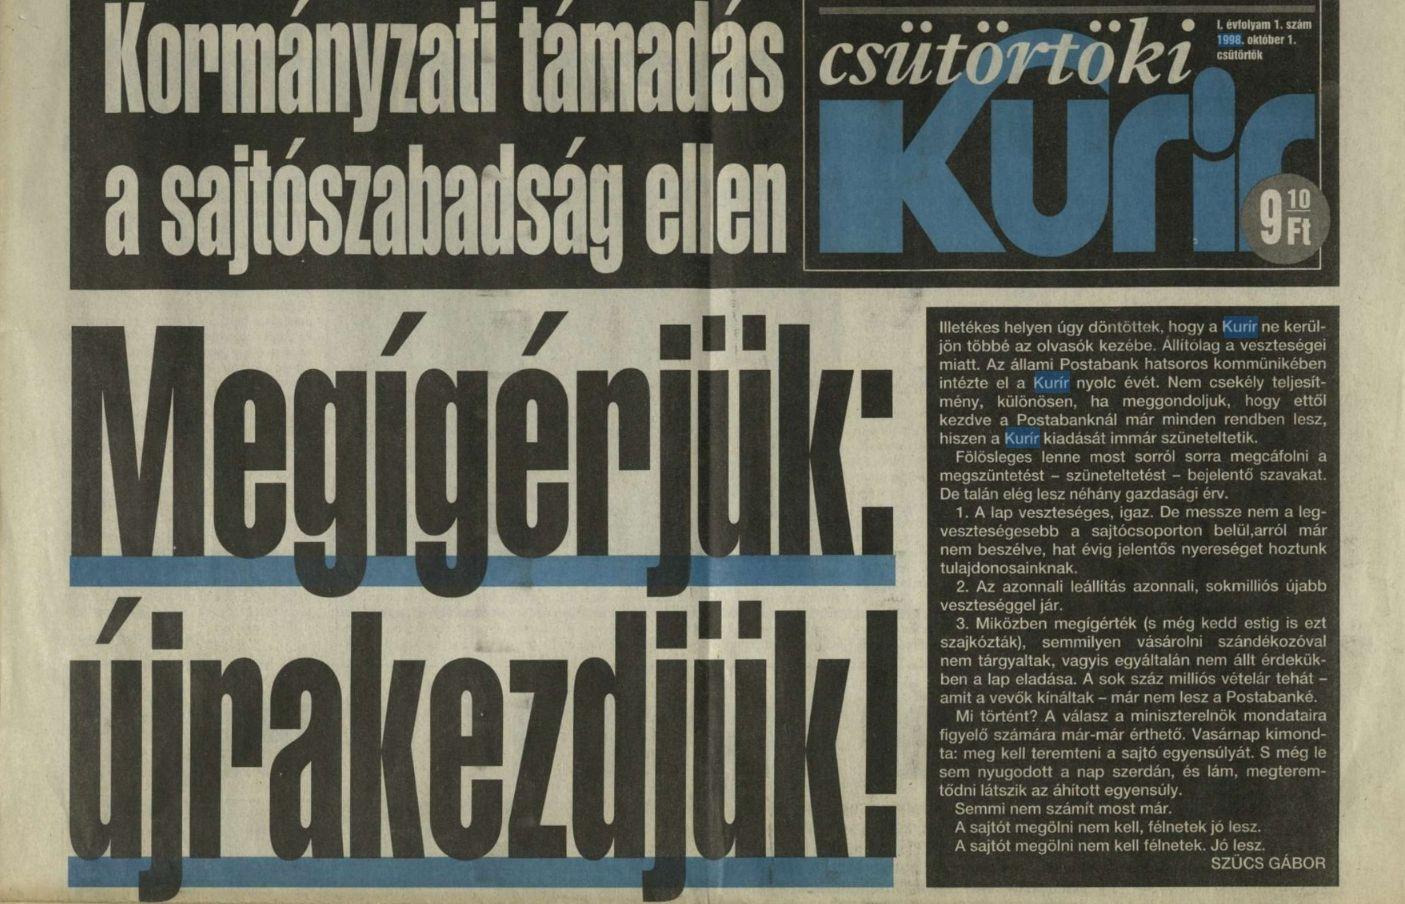 Szele Tamás: 1998. október 1.